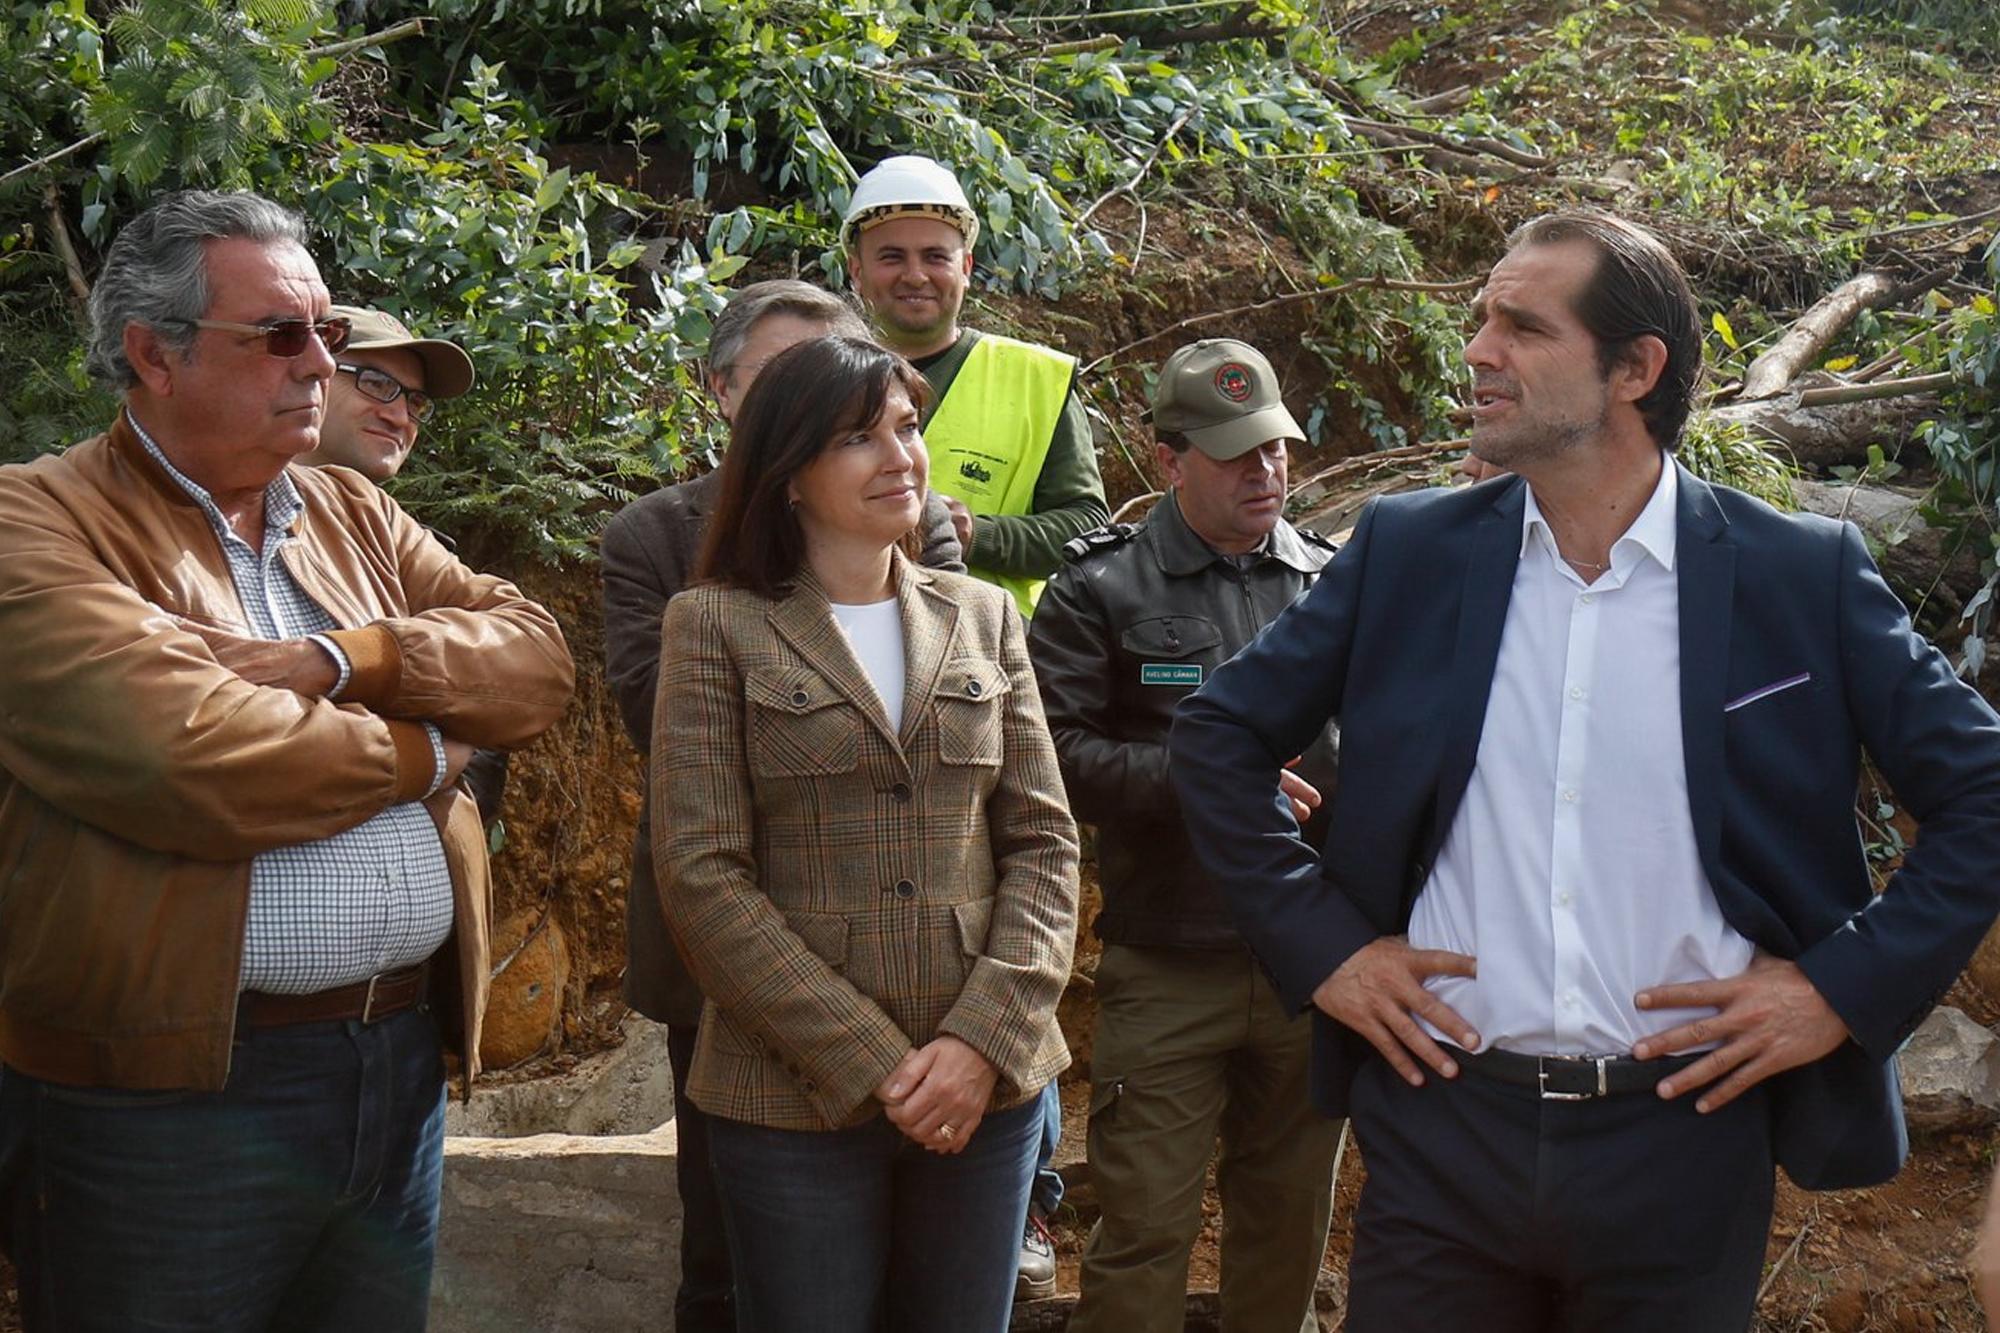 Governo já limpou 350 hectares de terrenos florestais